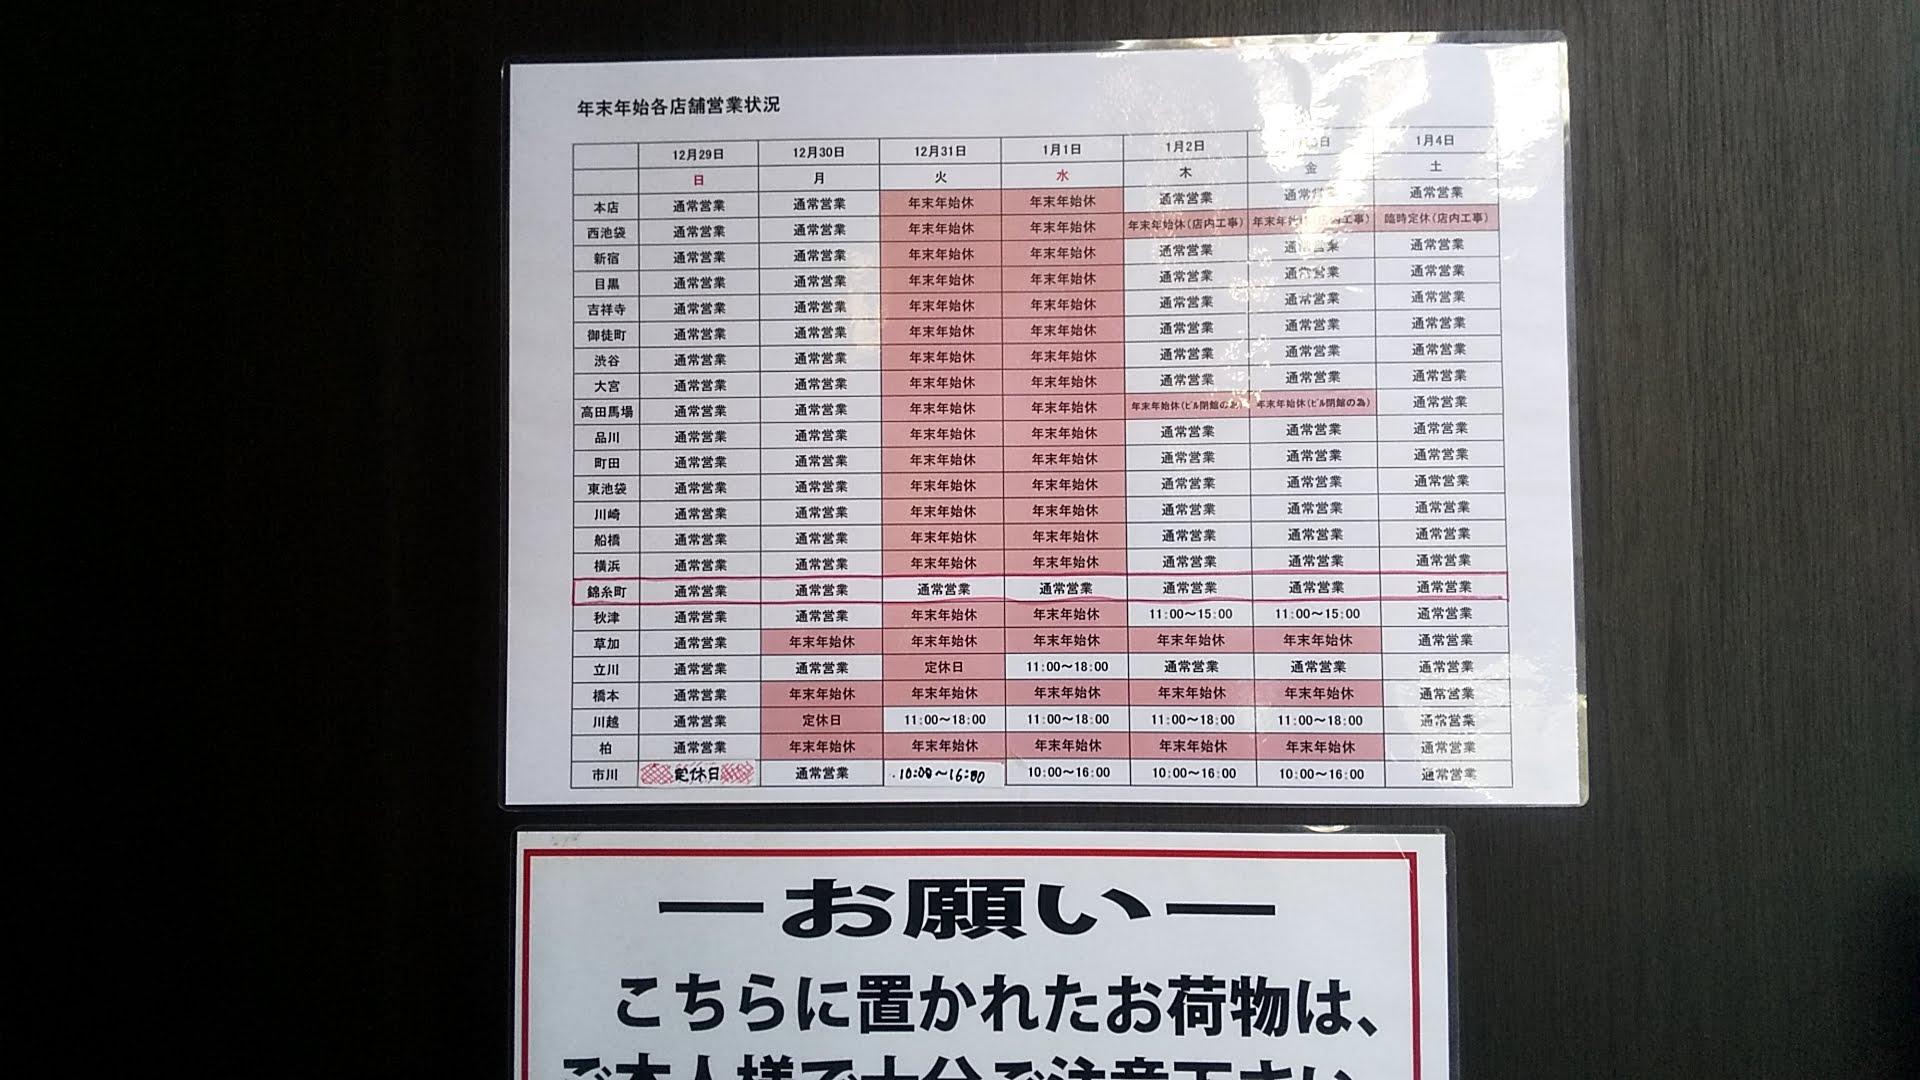 蒙古タンメン中本錦糸町店の年末年始のシフト表